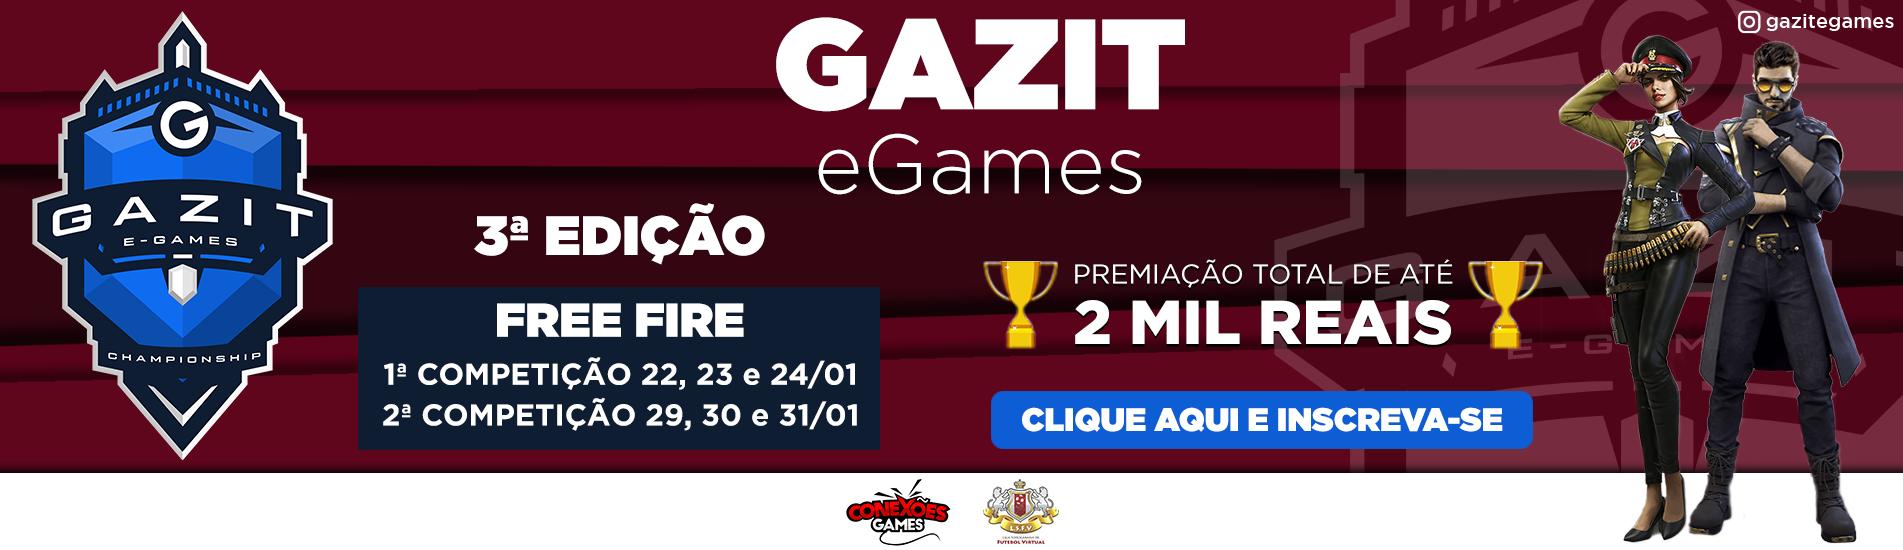 Gazit e-Games | 3ª Edição